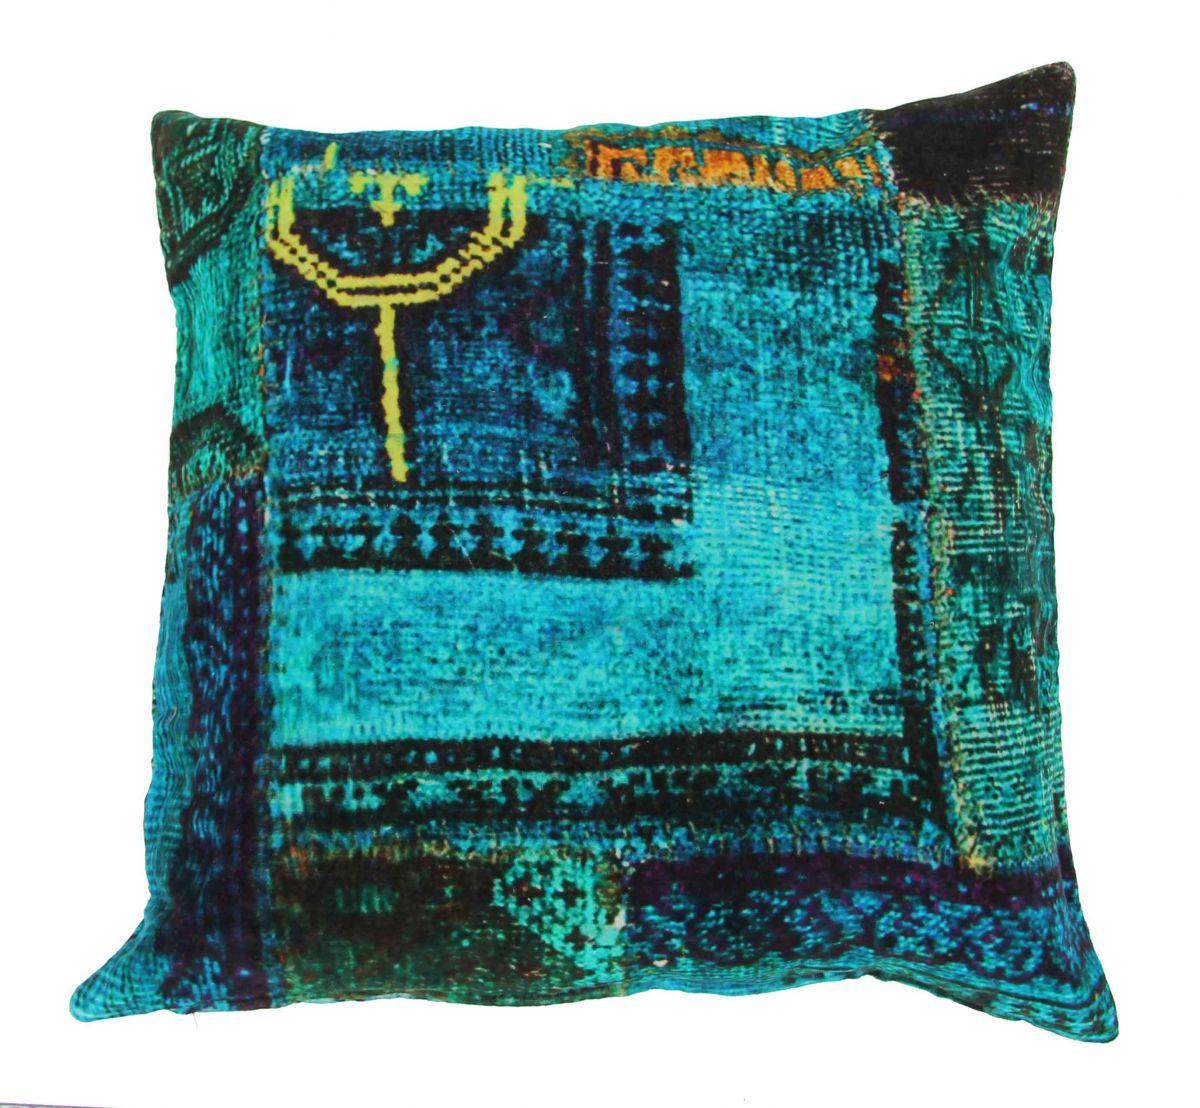 cushion velvet digital print blue multi colours 50x50cm